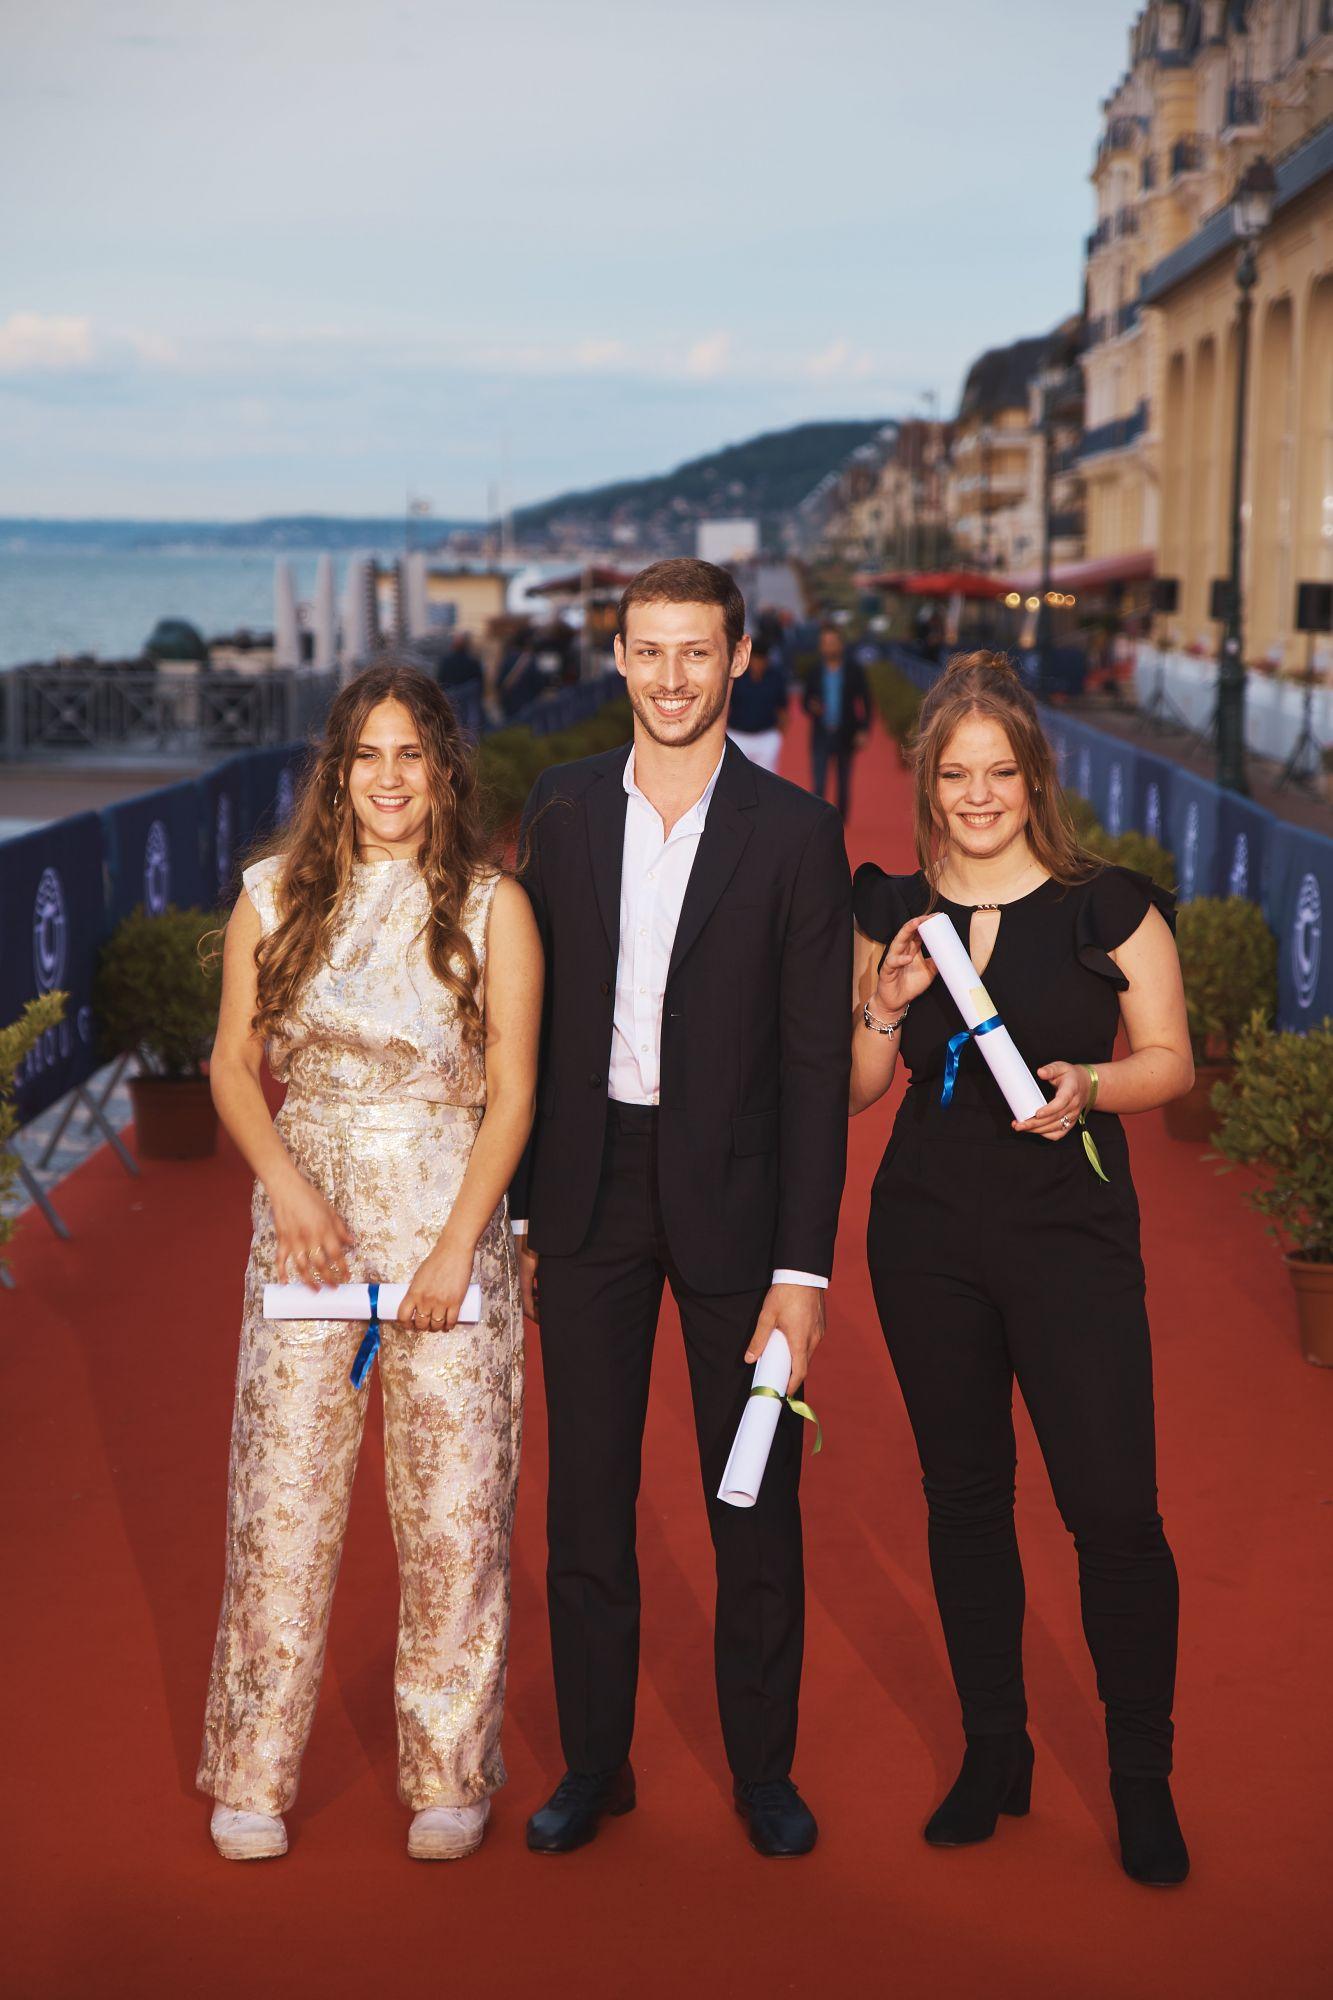 Justine Lacroix (actrice), Sarah Henochsberg (actrice) et Tom Mercier (acteur), lauréats des Premiers Rendez-Vous  Maquillage : Dr. Hauschka Coiffure : Franck Provost Chemise : Bourrienne Paris X